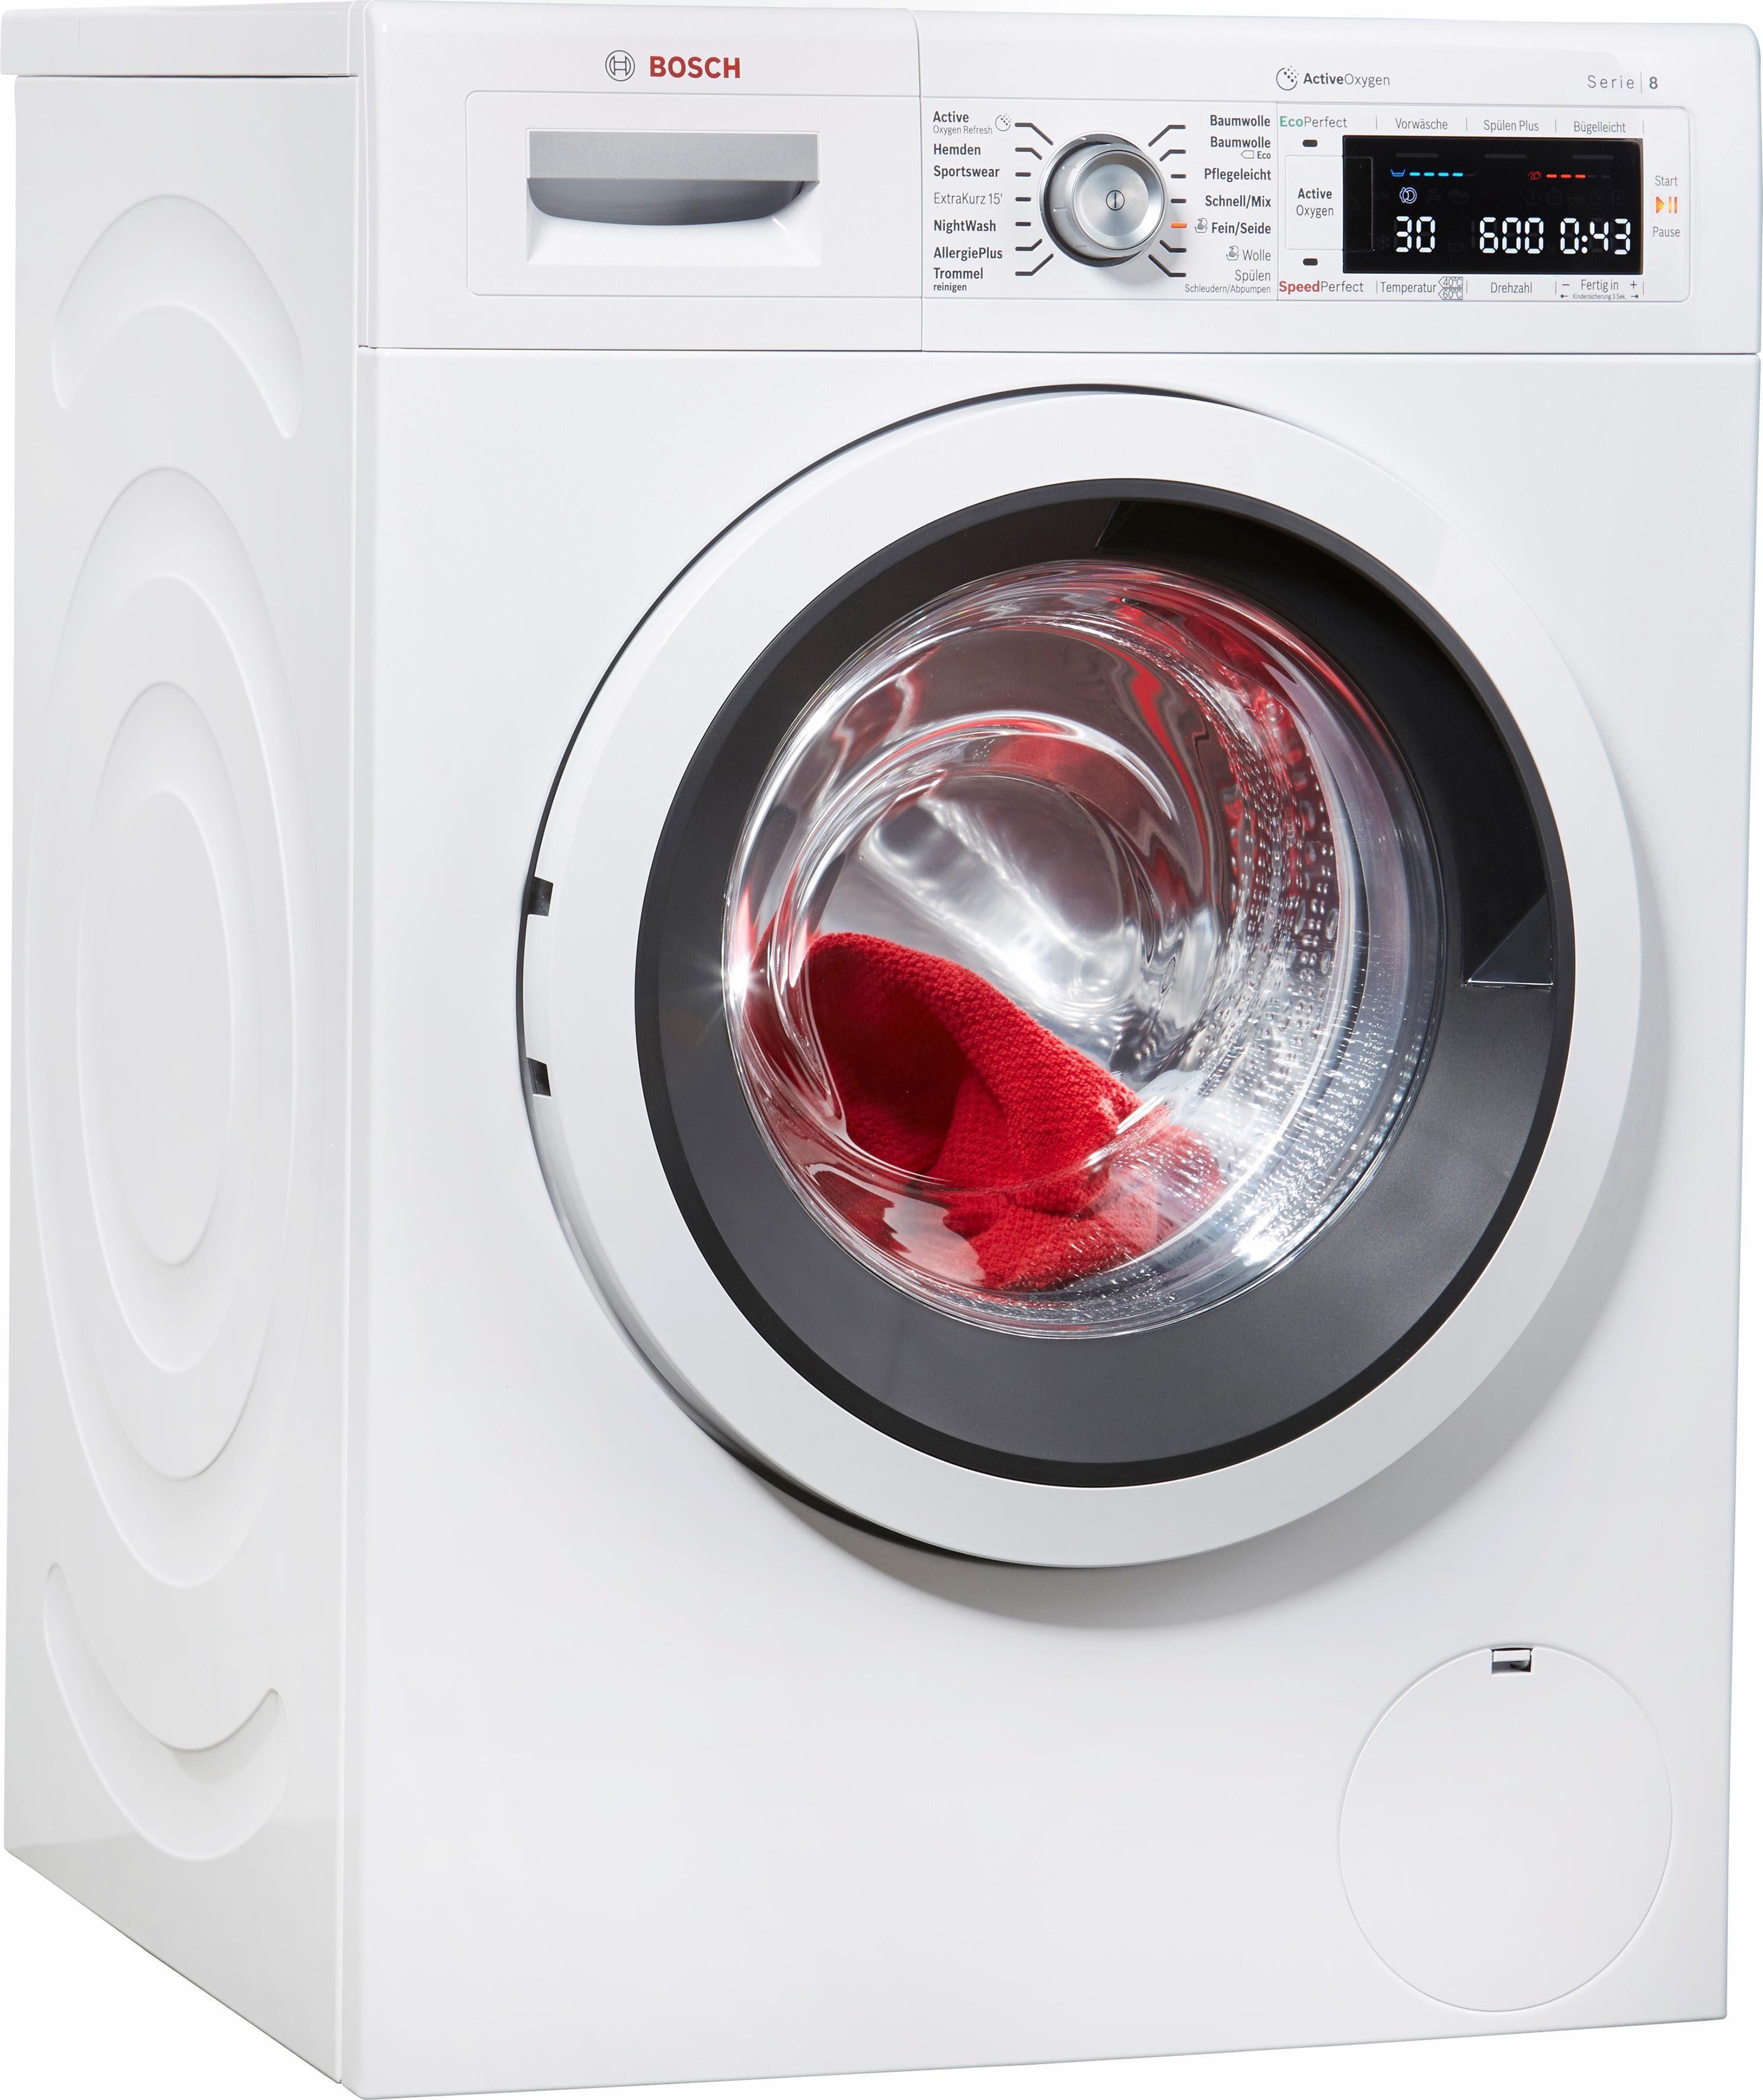 BOSCH Waschmaschine WAW287V0, A+++, 9 kg, 1400 U/Min